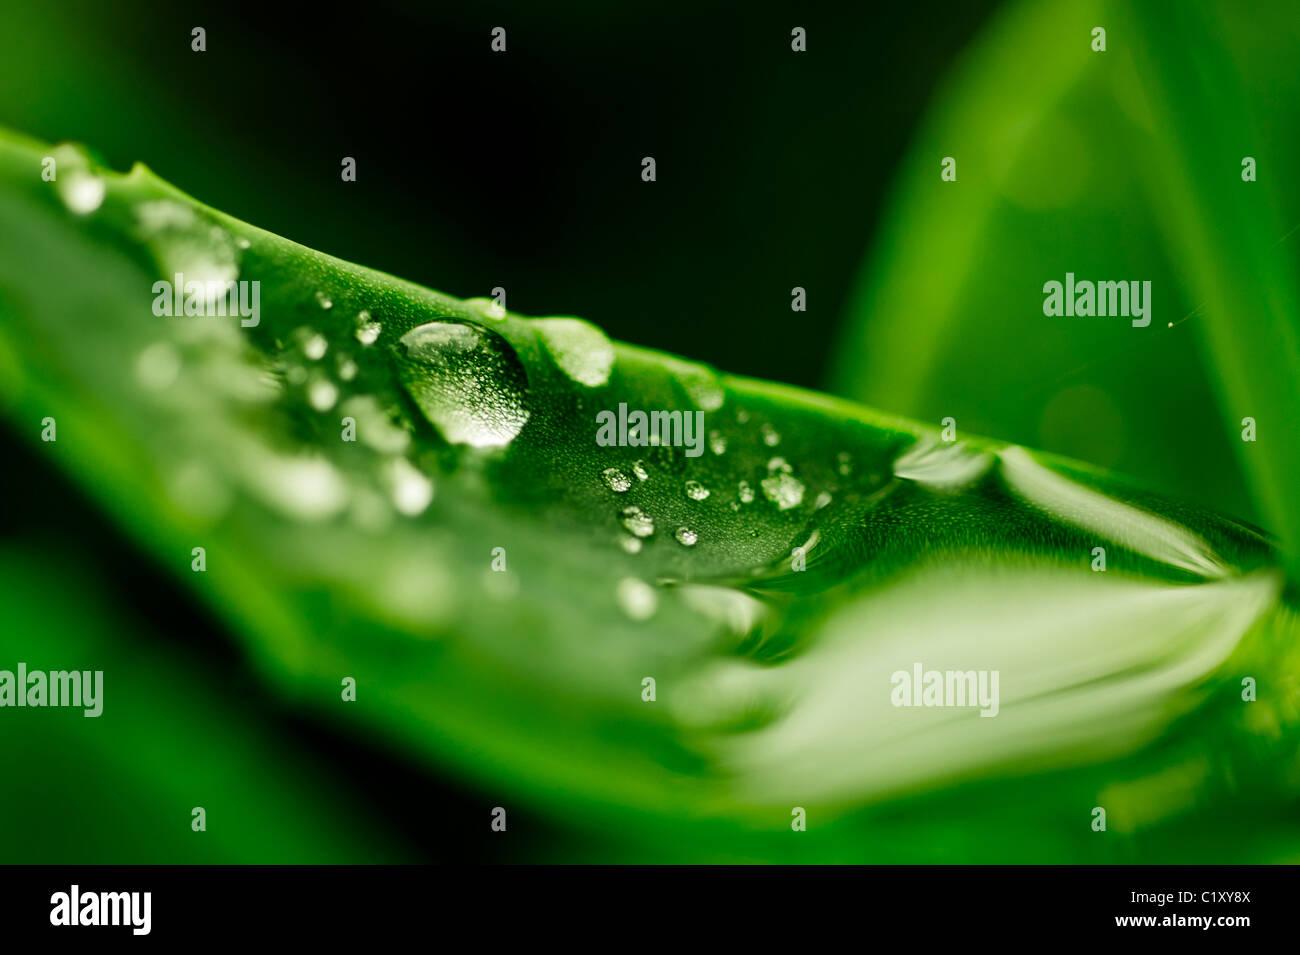 Gouttes d'eau sur une feuille verte Photo Stock